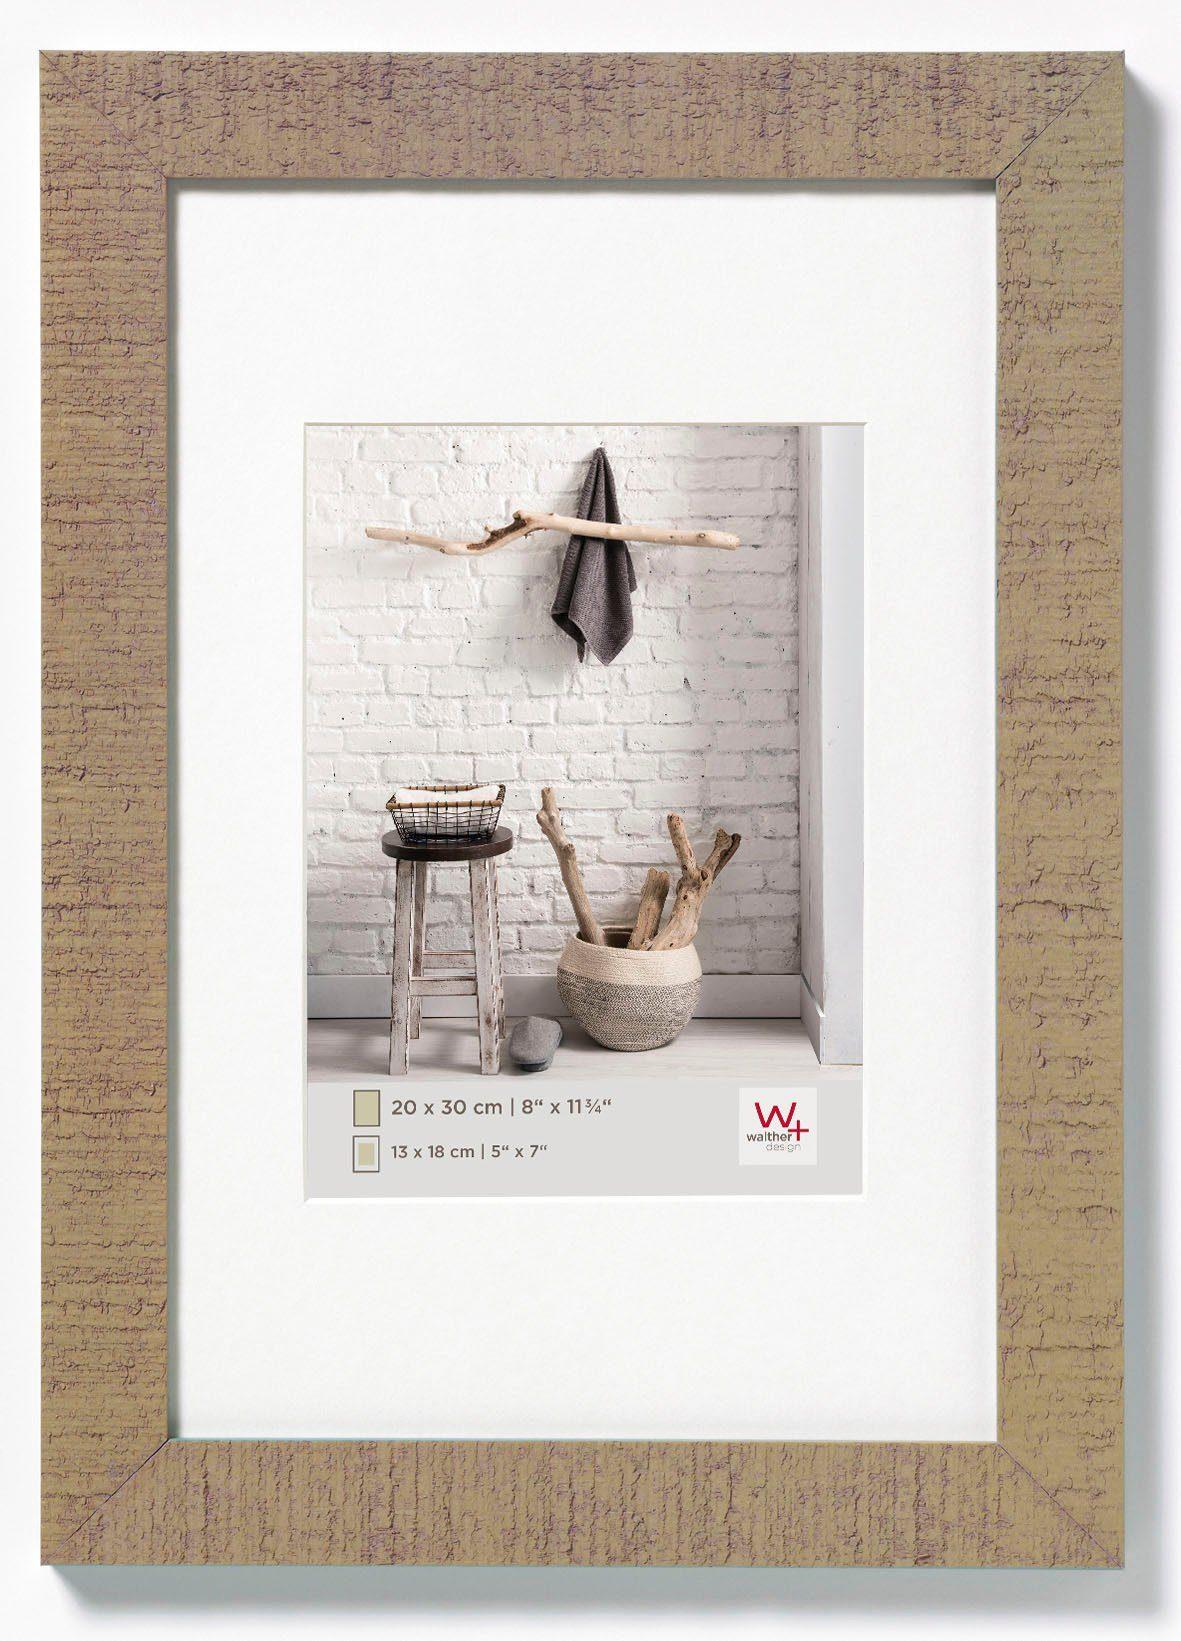 Walther Home Fotolijst Fotoformaat 21X29,7 cm (A4) Beige Bruin online kopen